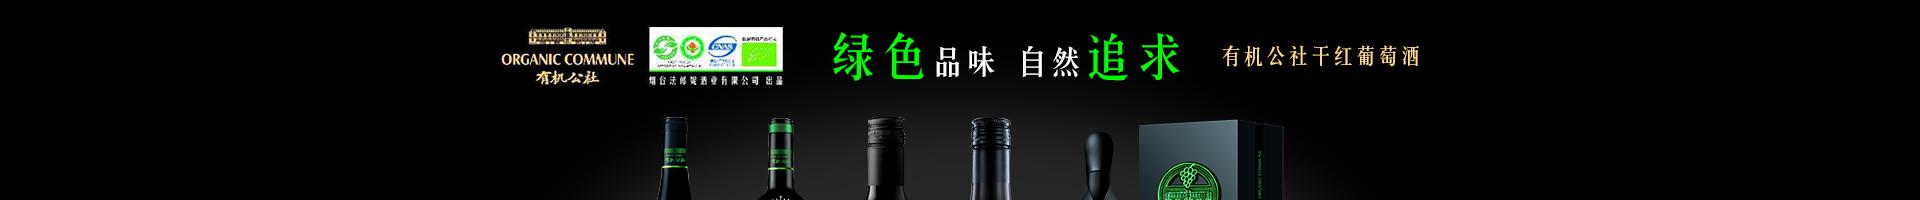 烟台法郎妮酒业有限公司